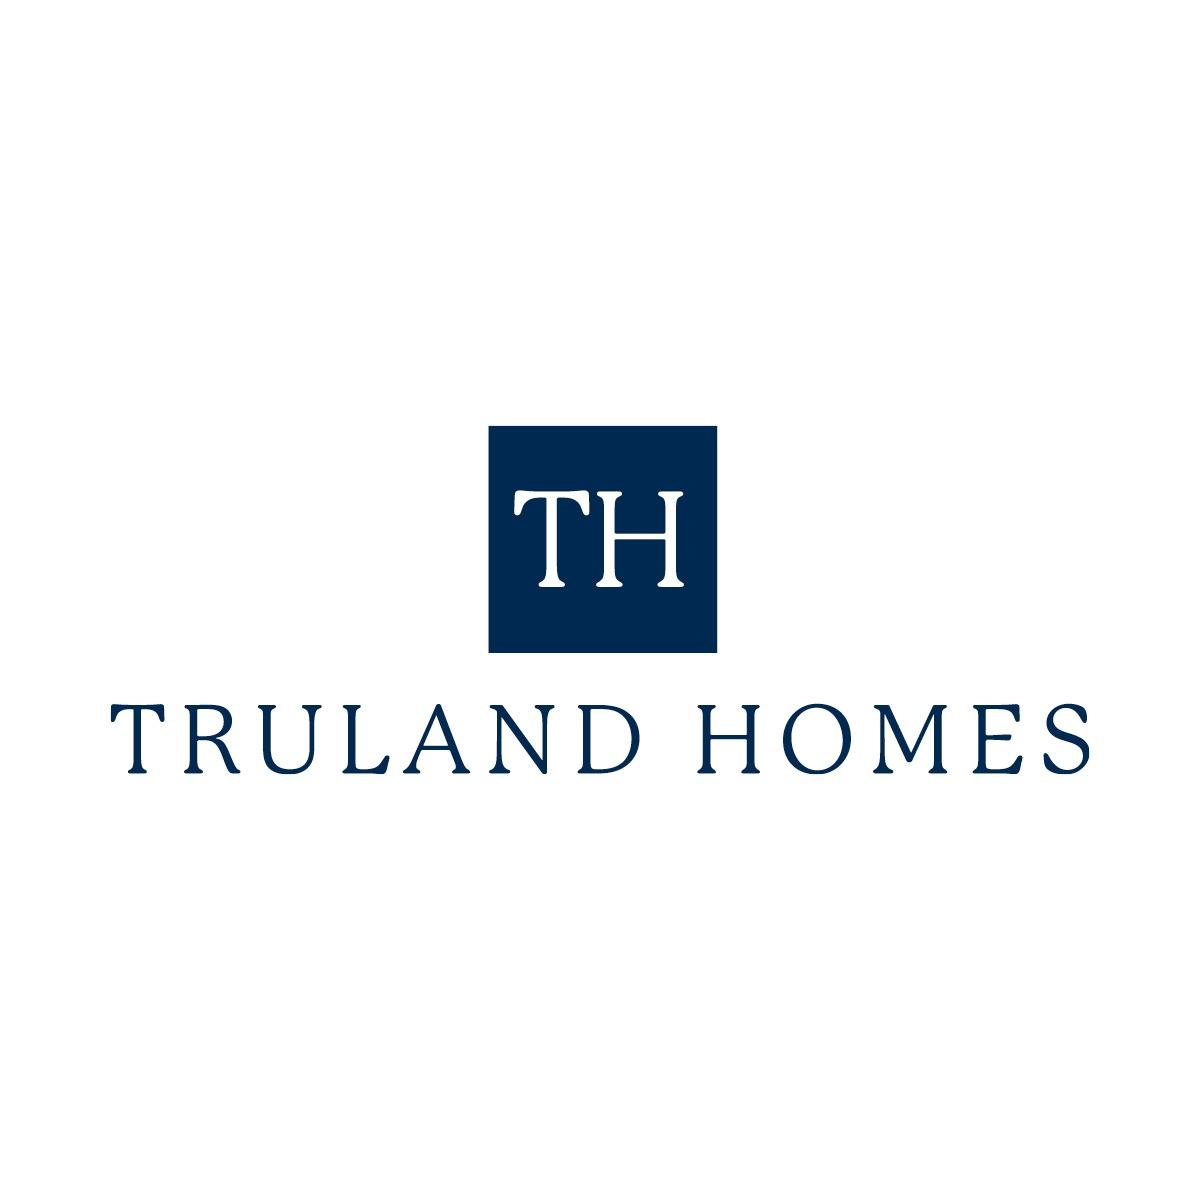 Truland Homes